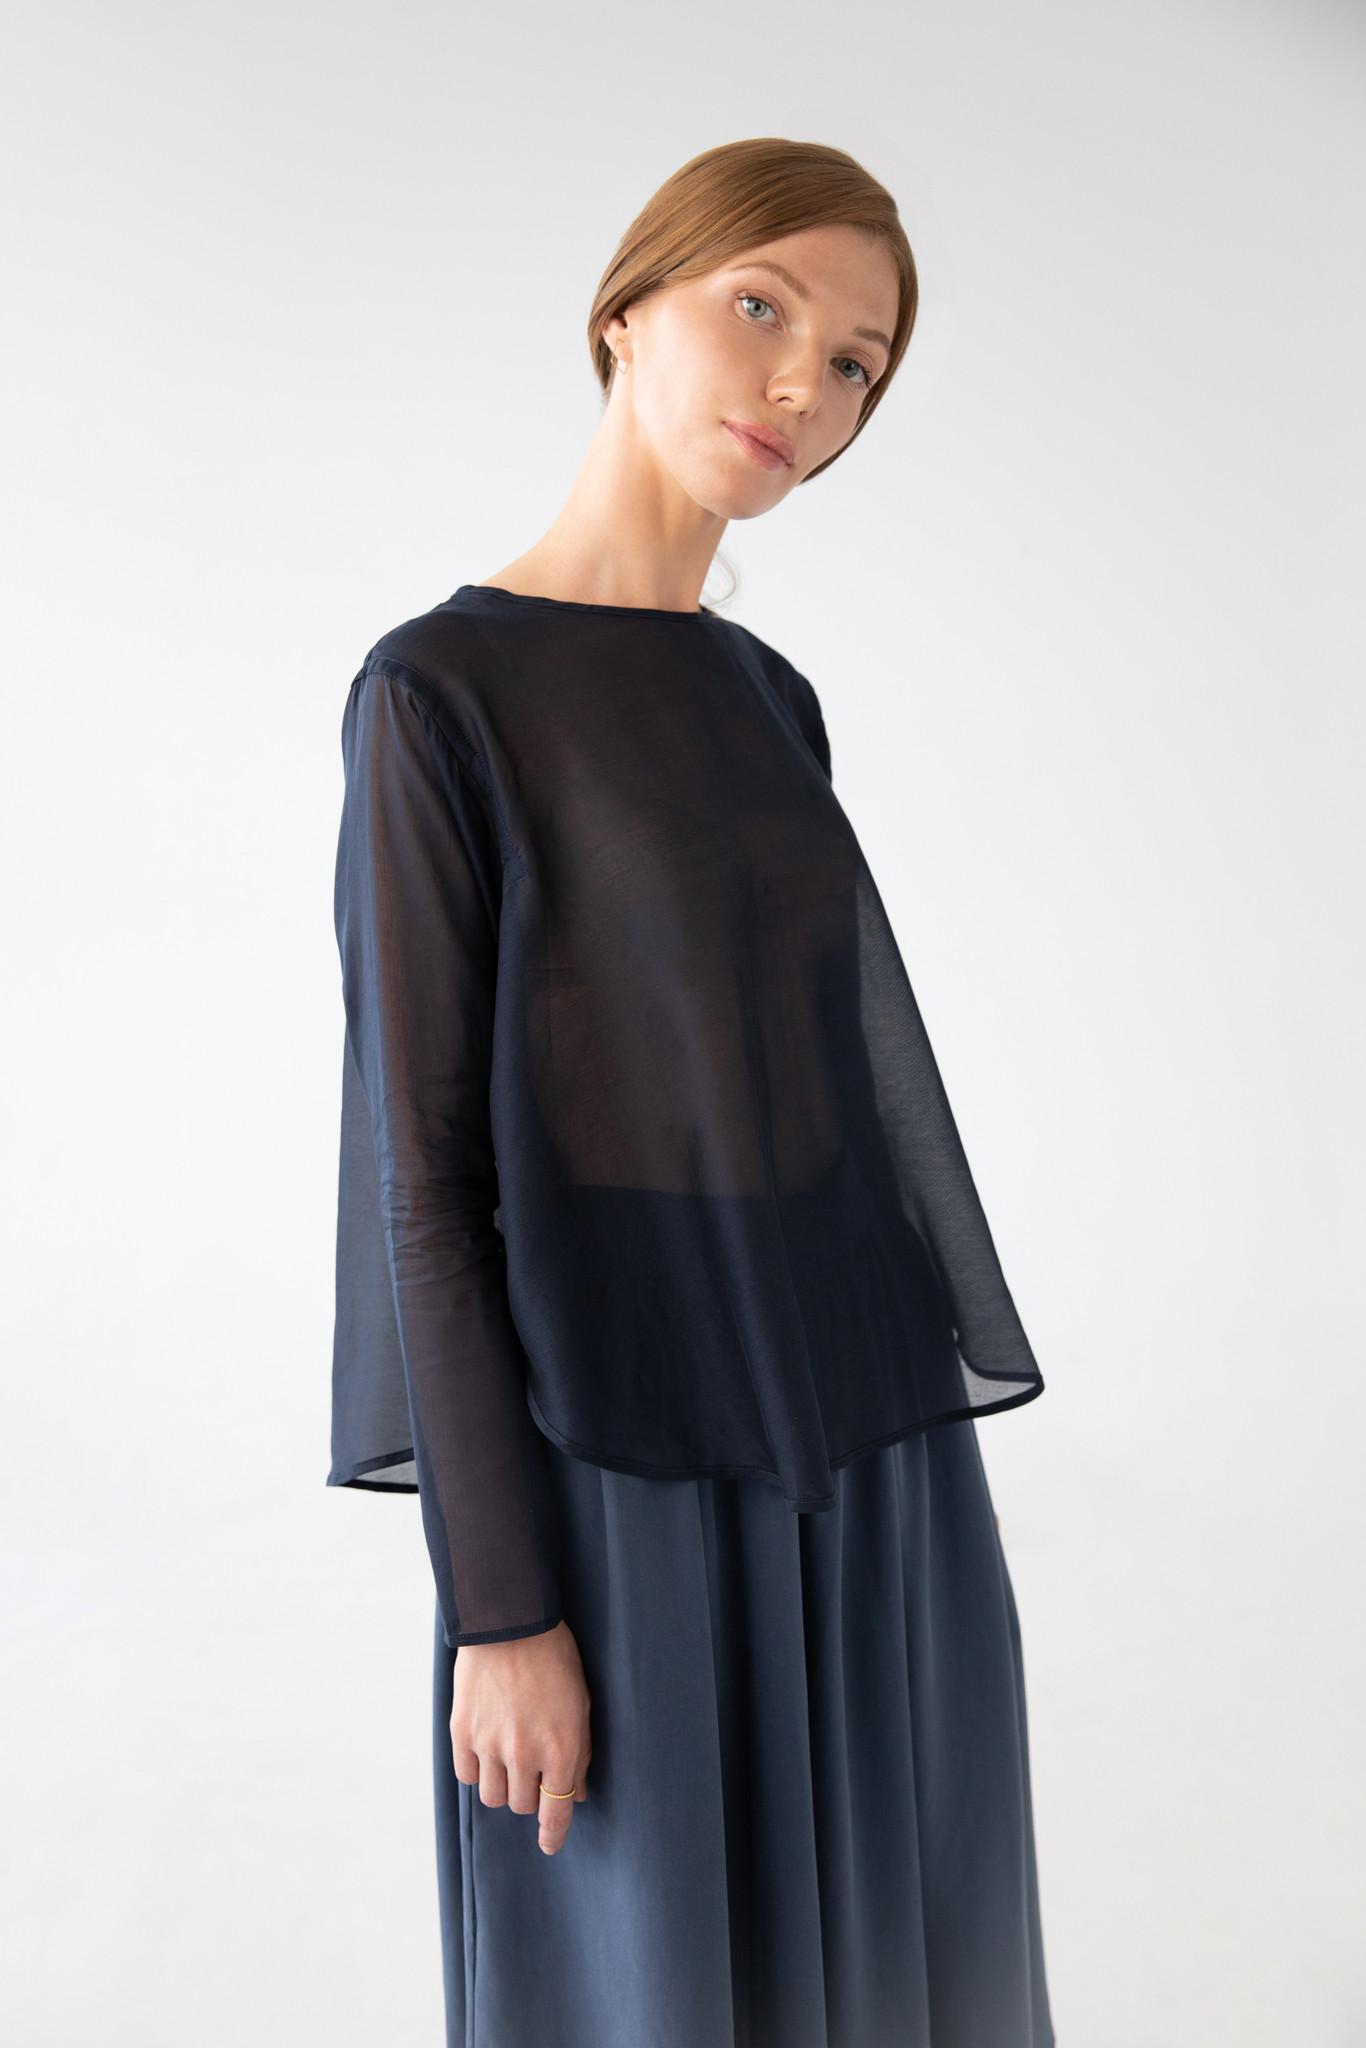 Shirt with round hem made of silk blend - blue-1